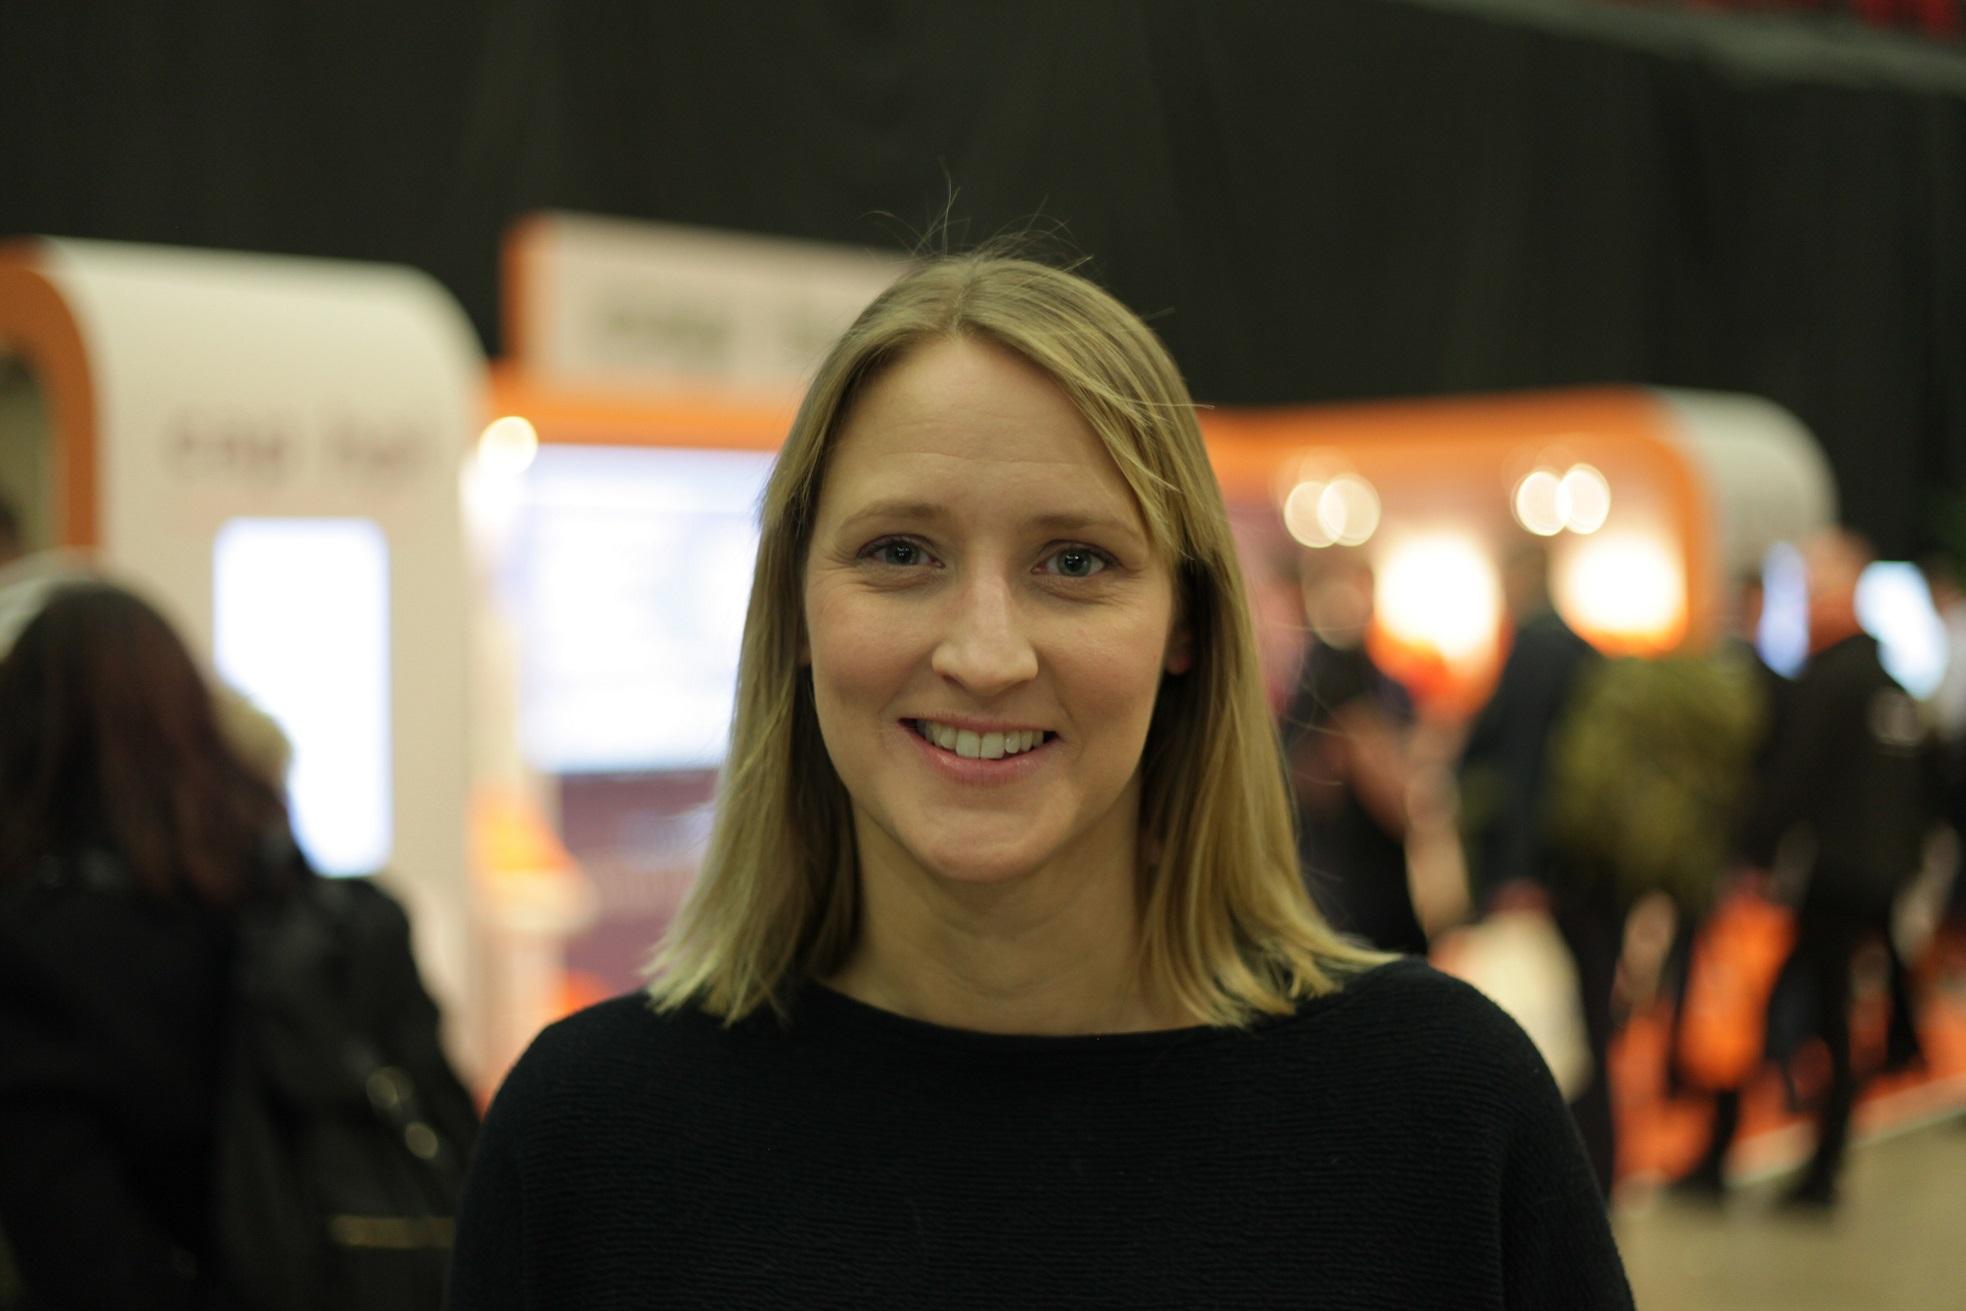 Herd founder Amy De-Balsi, organiser of Leeds Digital Job Fair 4.0